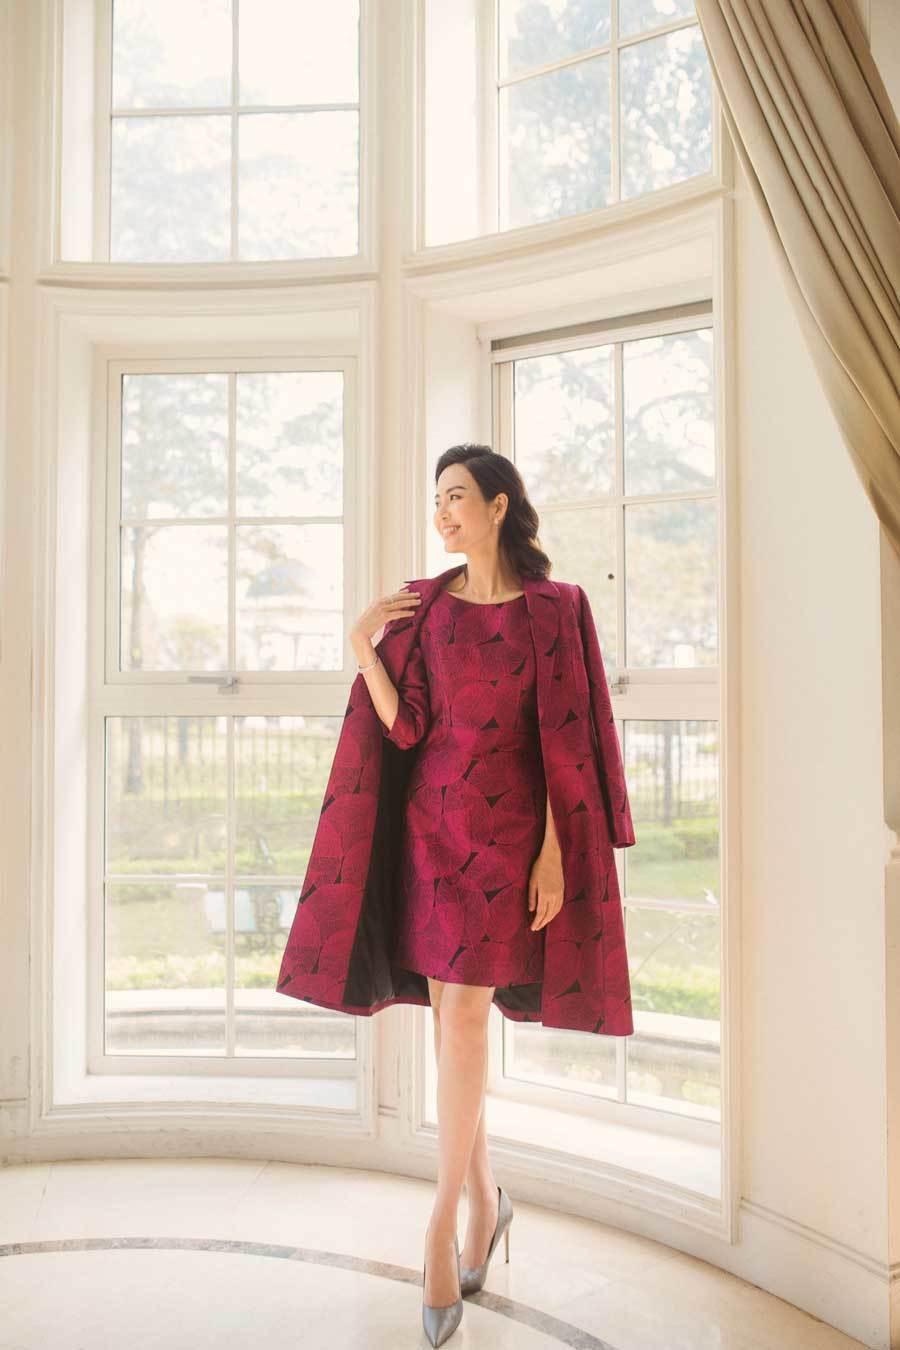 Hoa hậu Thu Thủy: Tôi đánh giá một ai đó bằng khả năng kiếm tiền